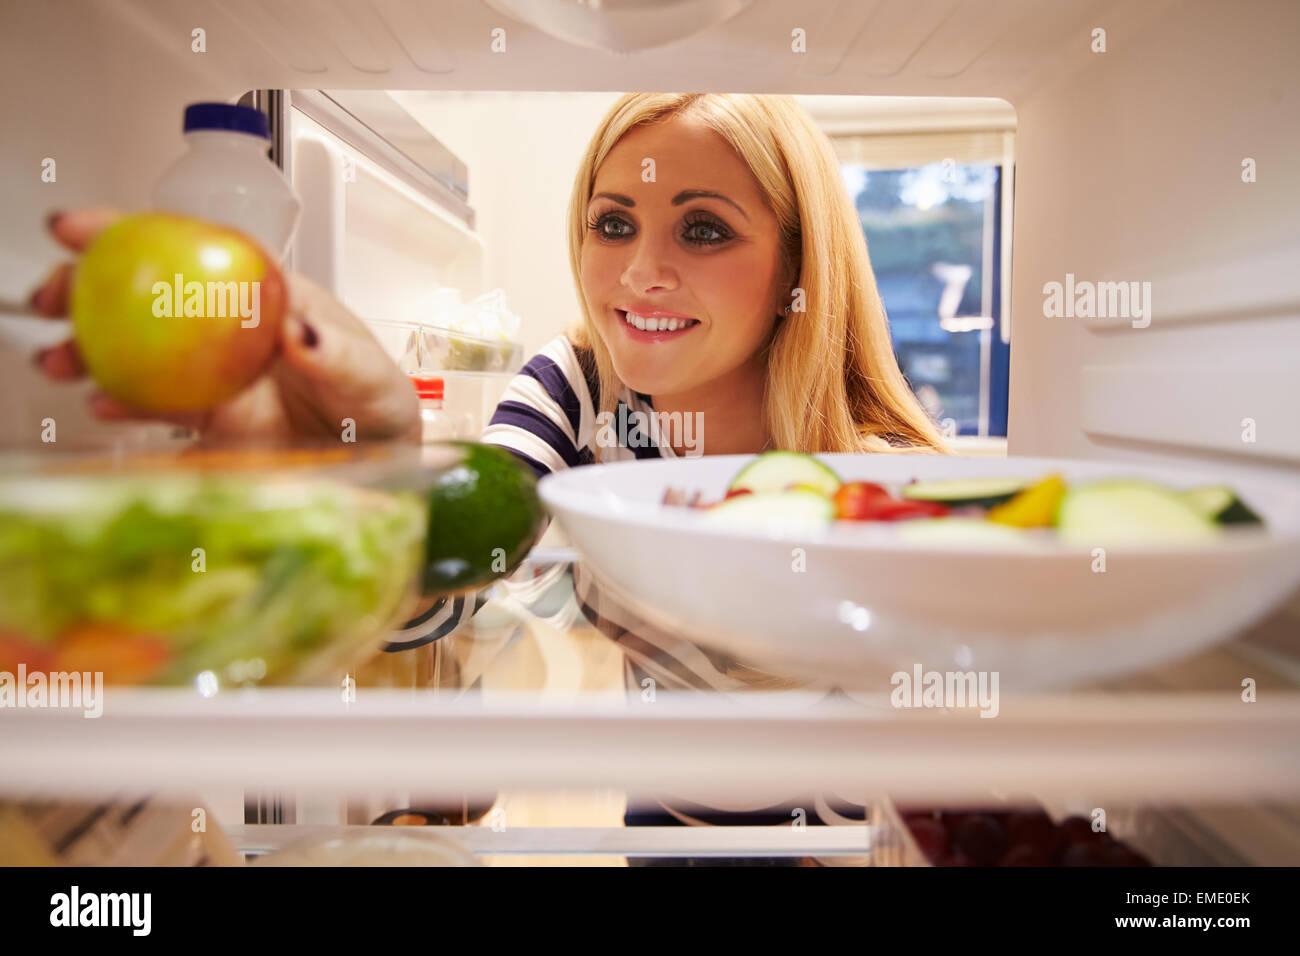 Donna che guarda all'interno del frigo pieno di cibo e la scelta di Apple Immagini Stock